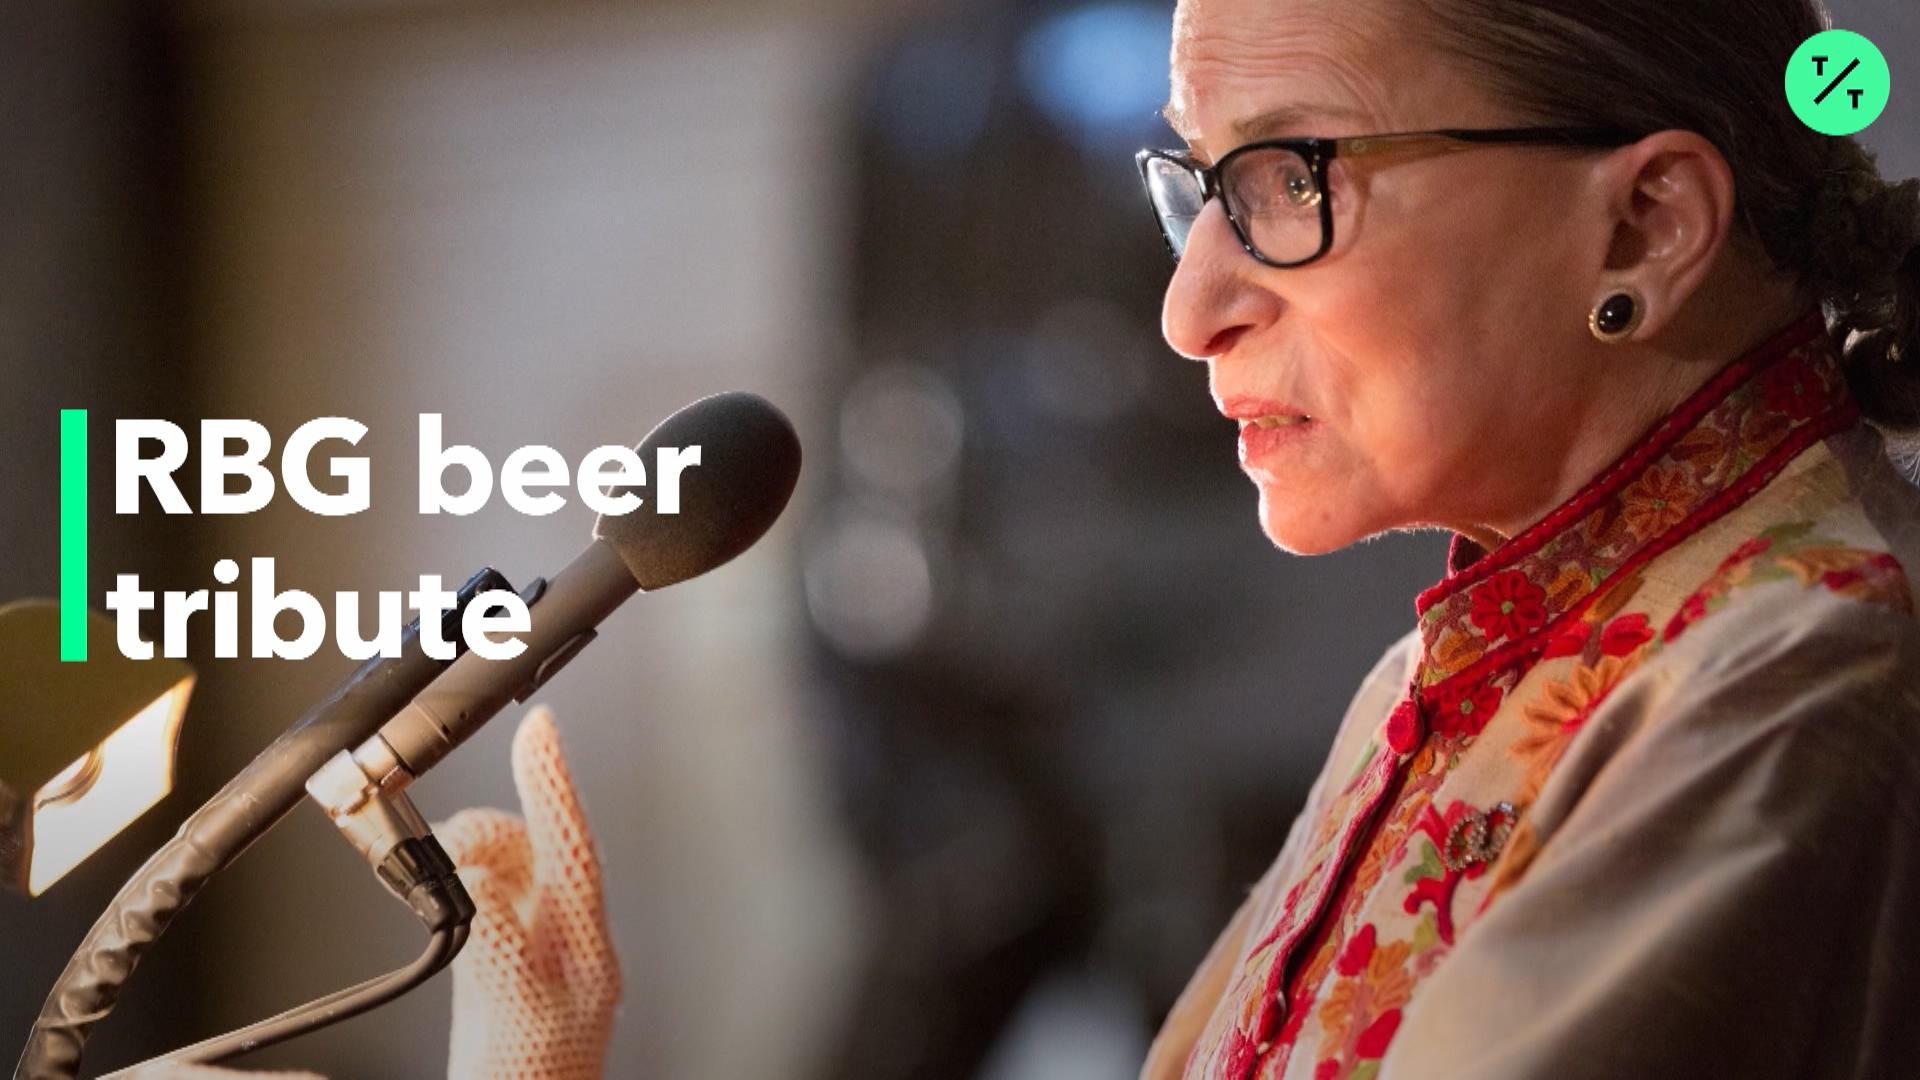 Samuel Adams Tributes Beer To RBG